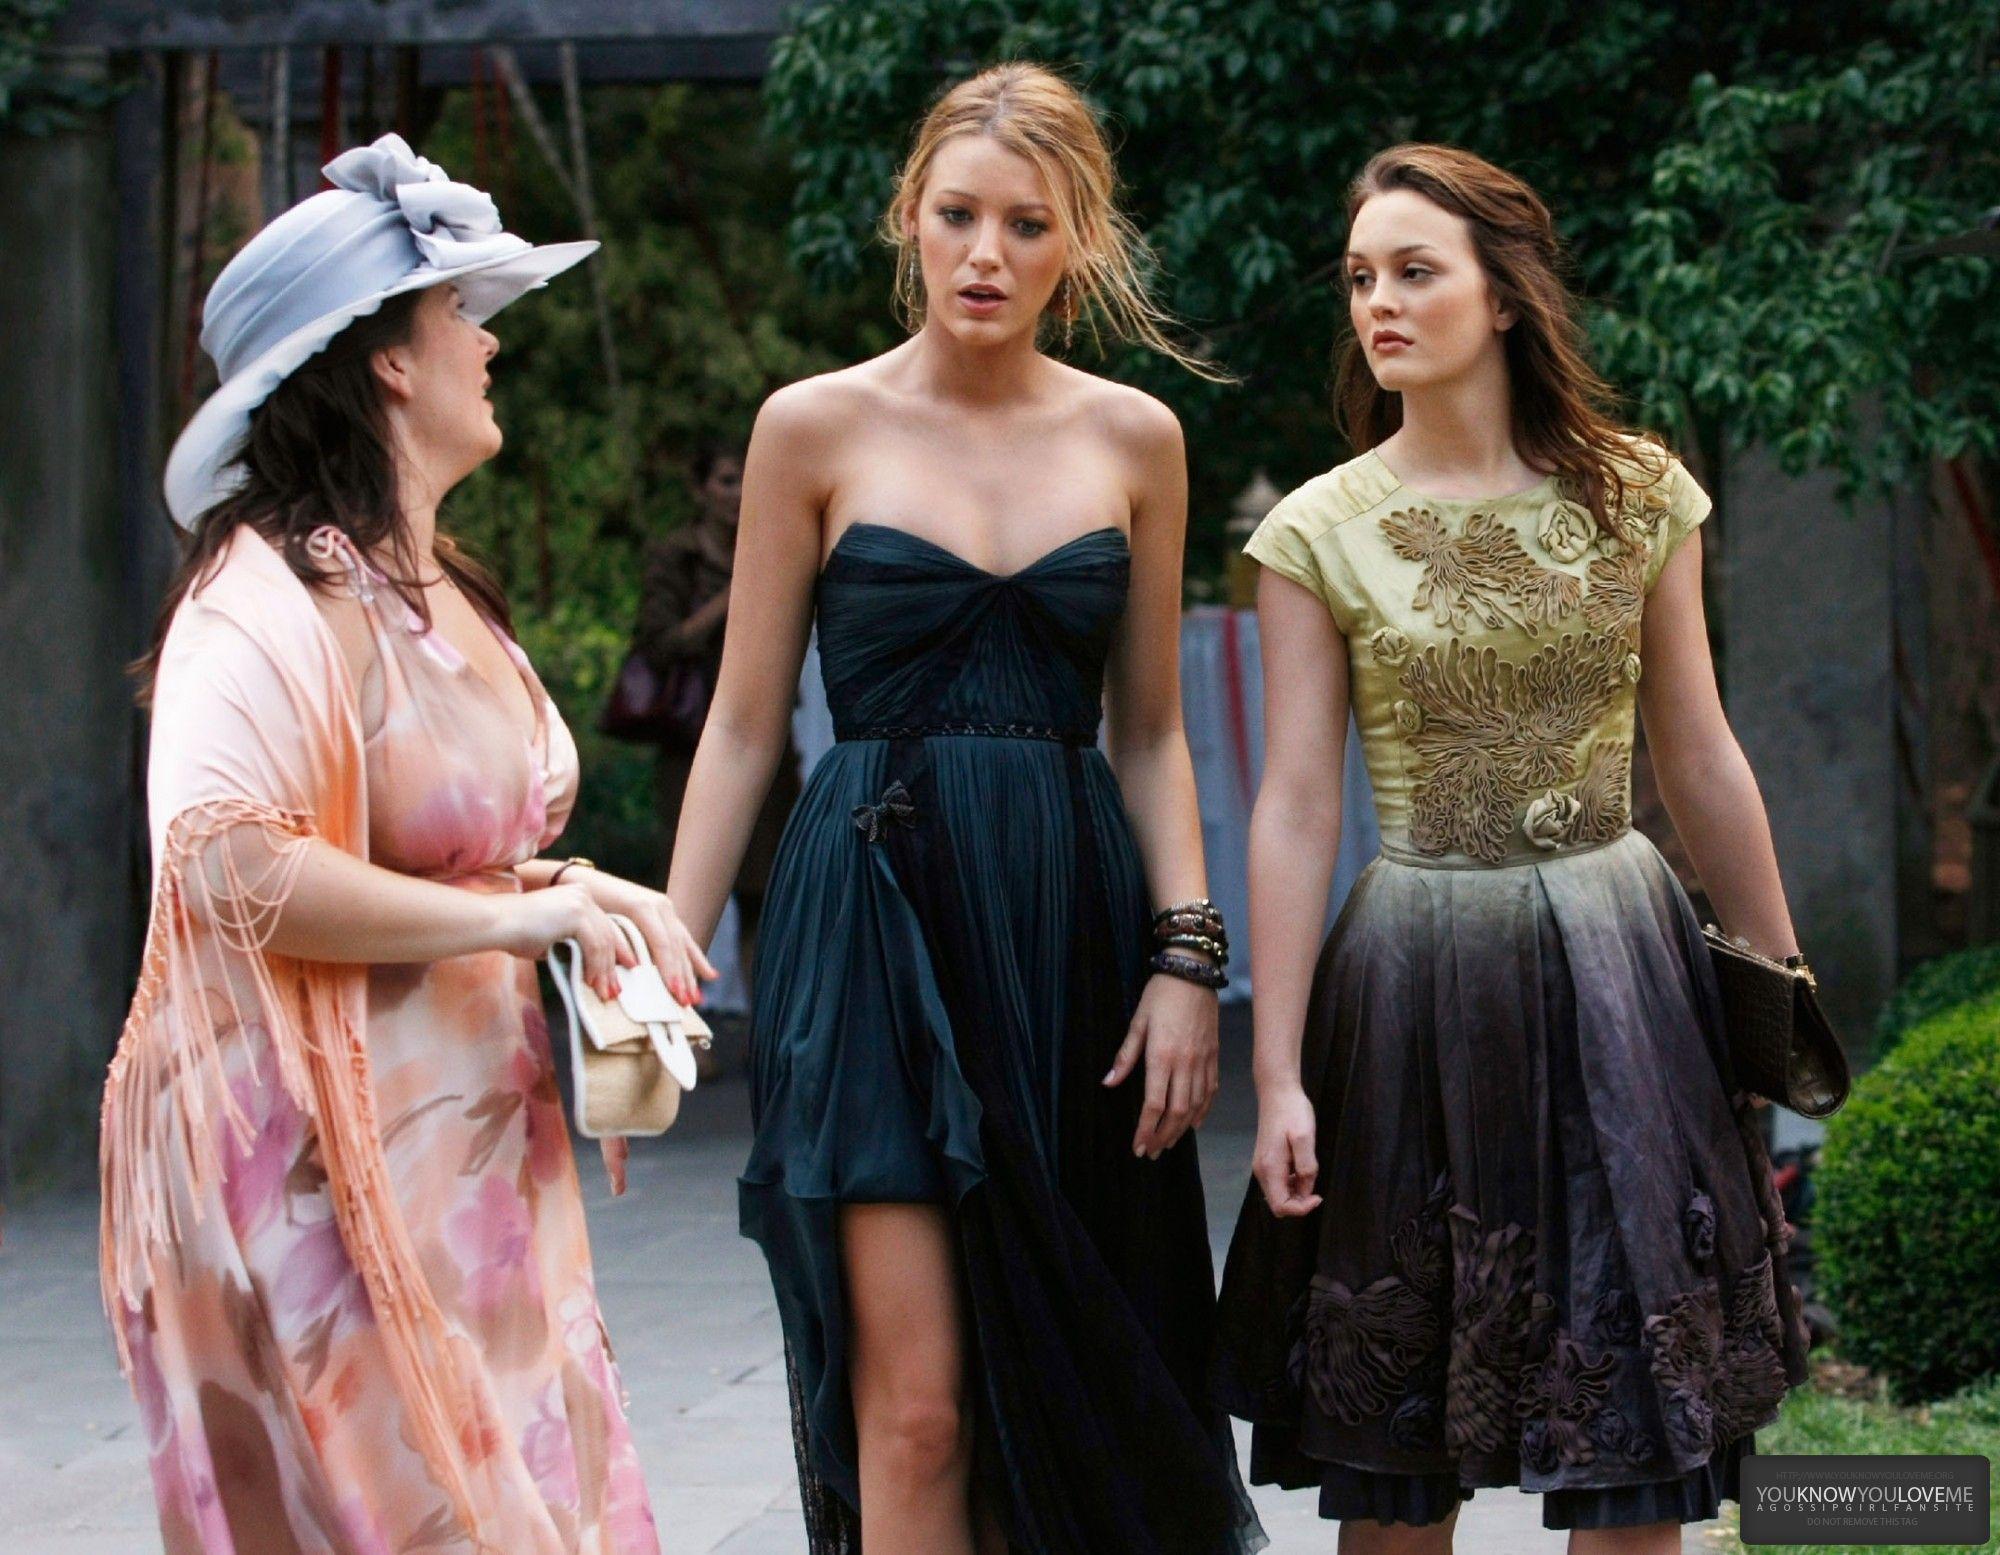 Dorota, Serena van der Woodsen wearing J Mendel, and Blair Waldorf ...